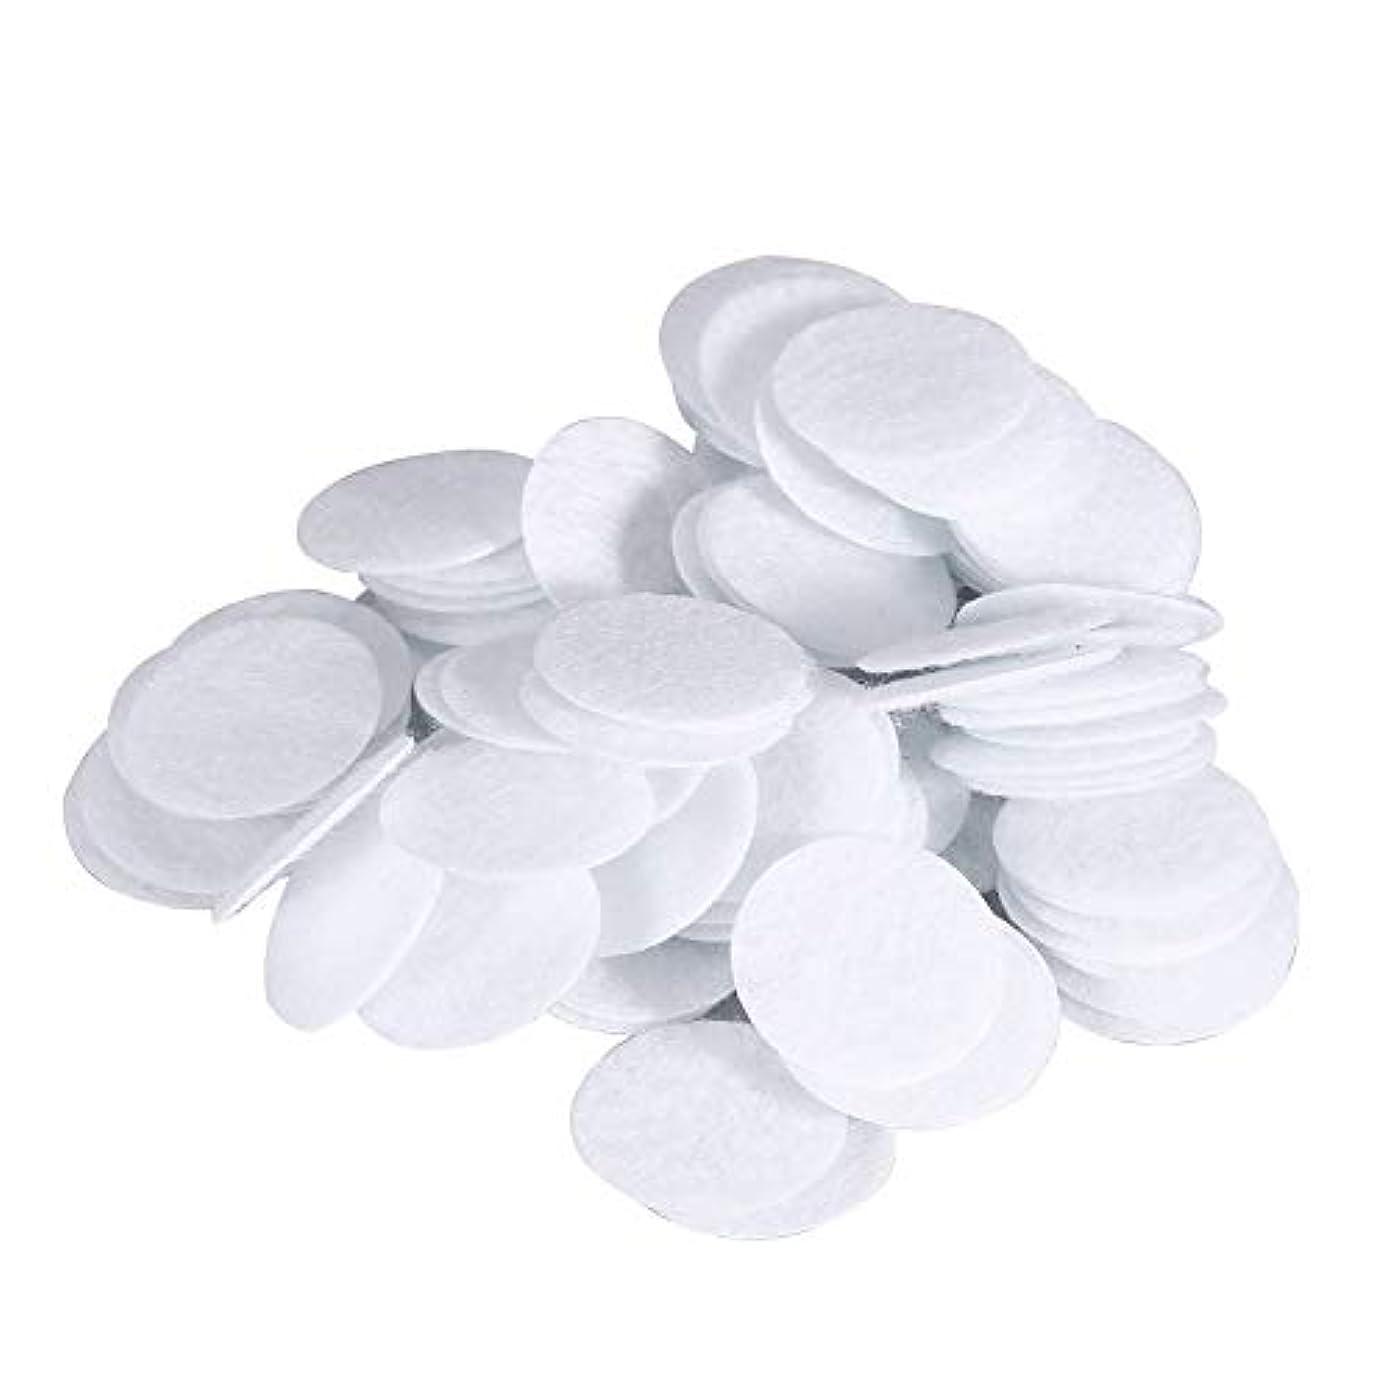 フォーム狂う幸運なことに綿フィルターパッド にきび除去美容機用 100個 コットン 20mm